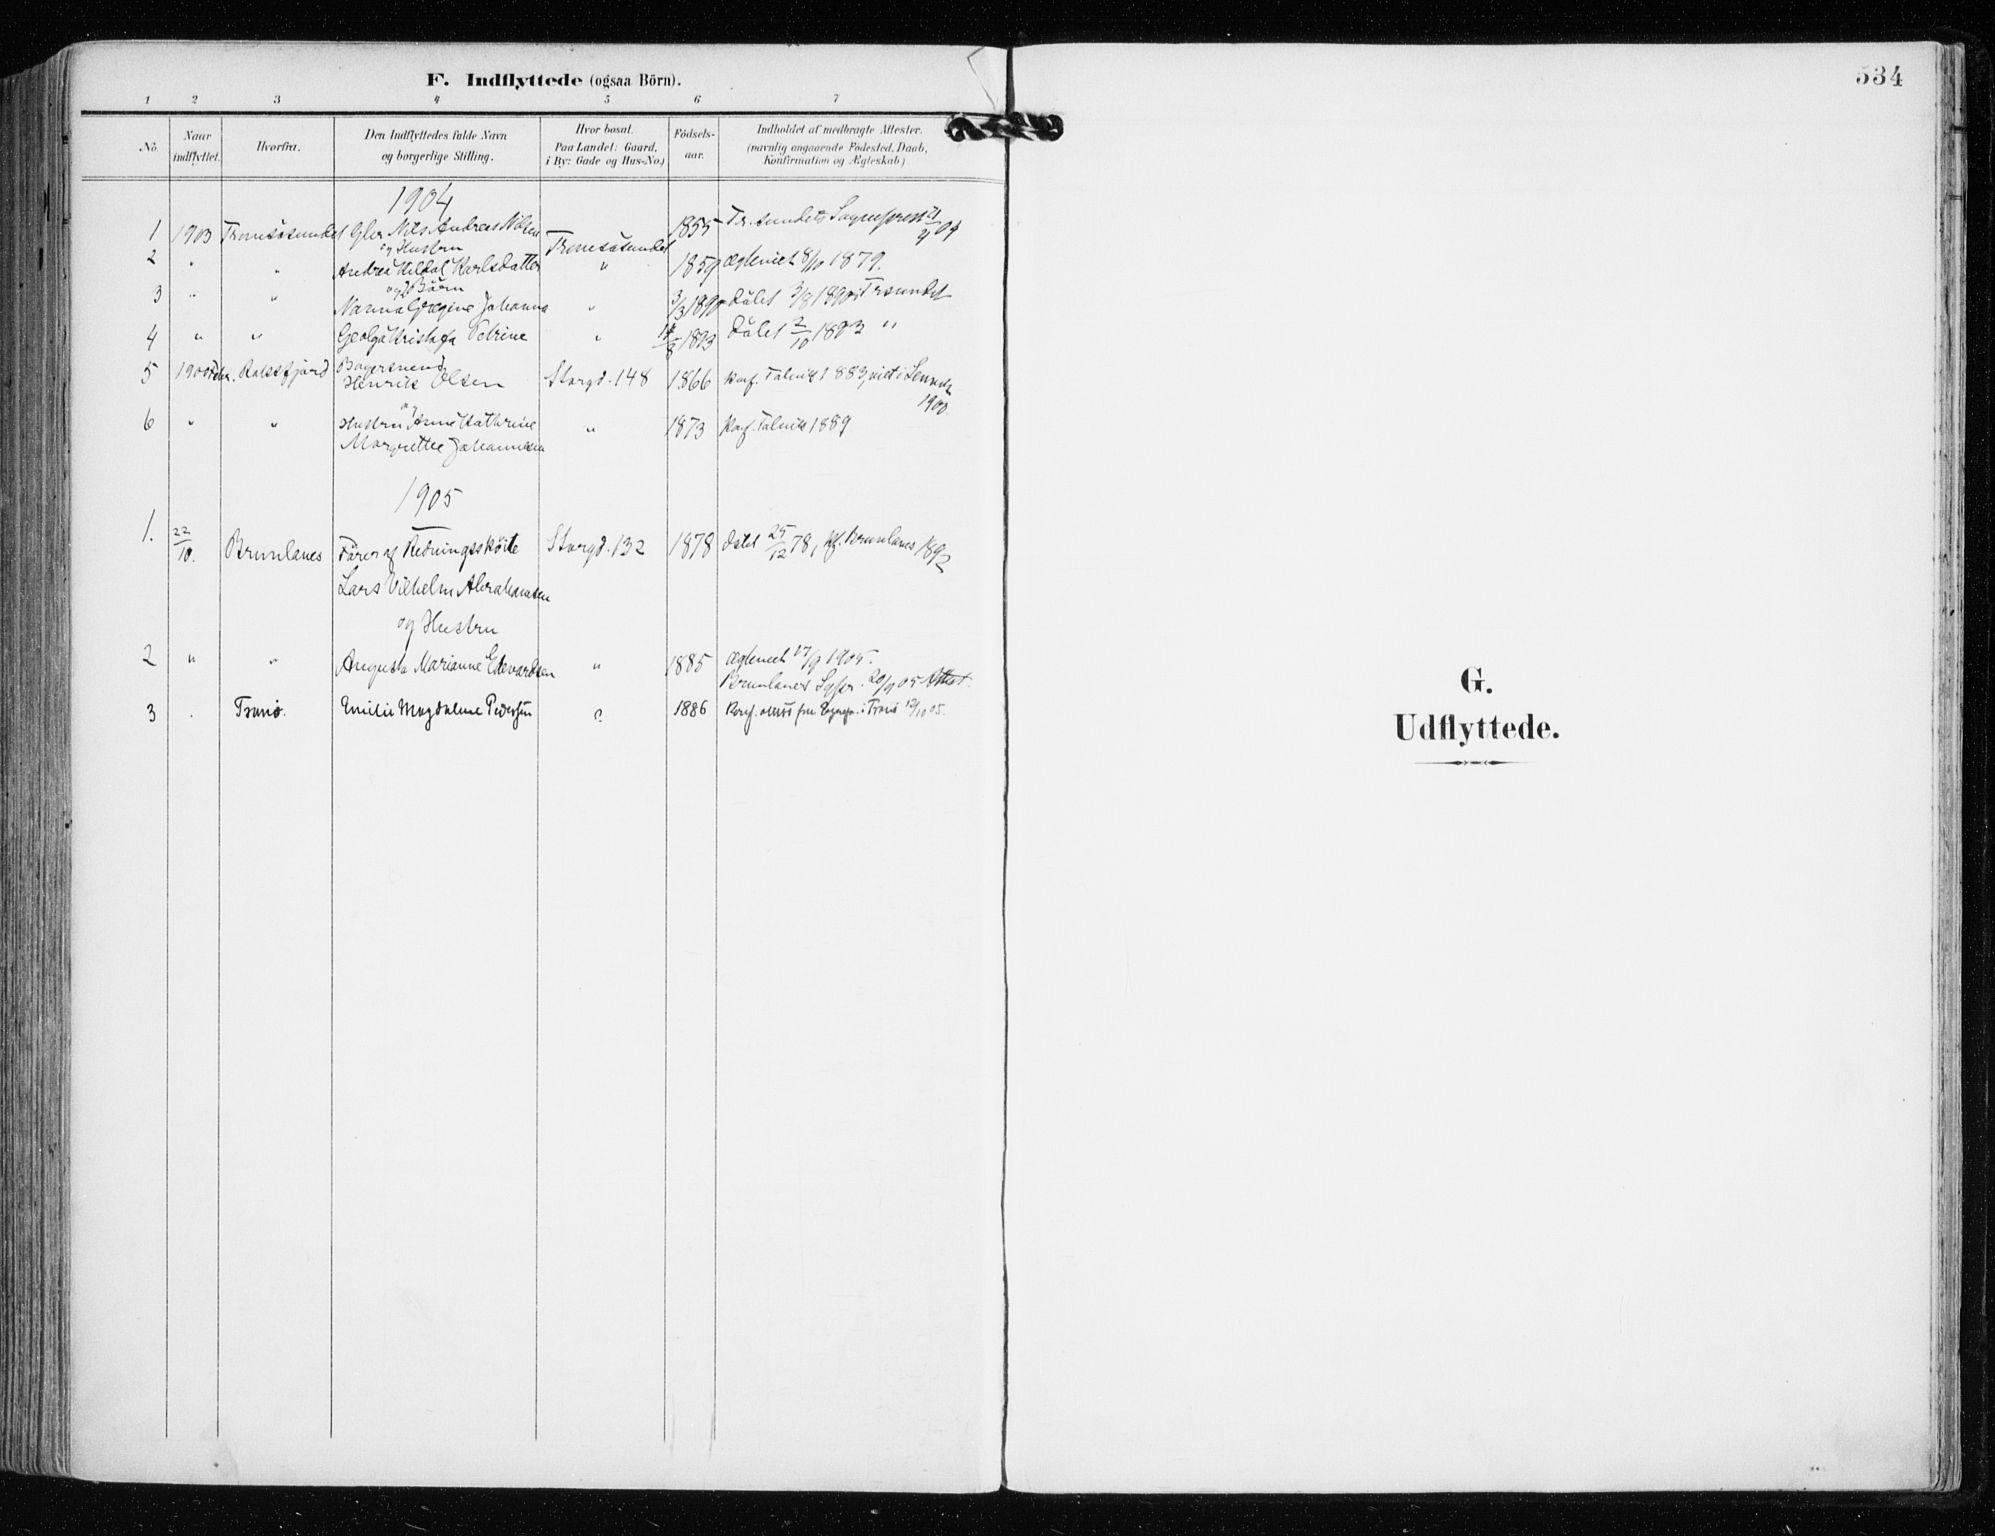 SATØ, Tromsø sokneprestkontor/stiftsprosti/domprosti, G/Ga/L0016kirke: Ministerialbok nr. 16, 1899-1906, s. 534